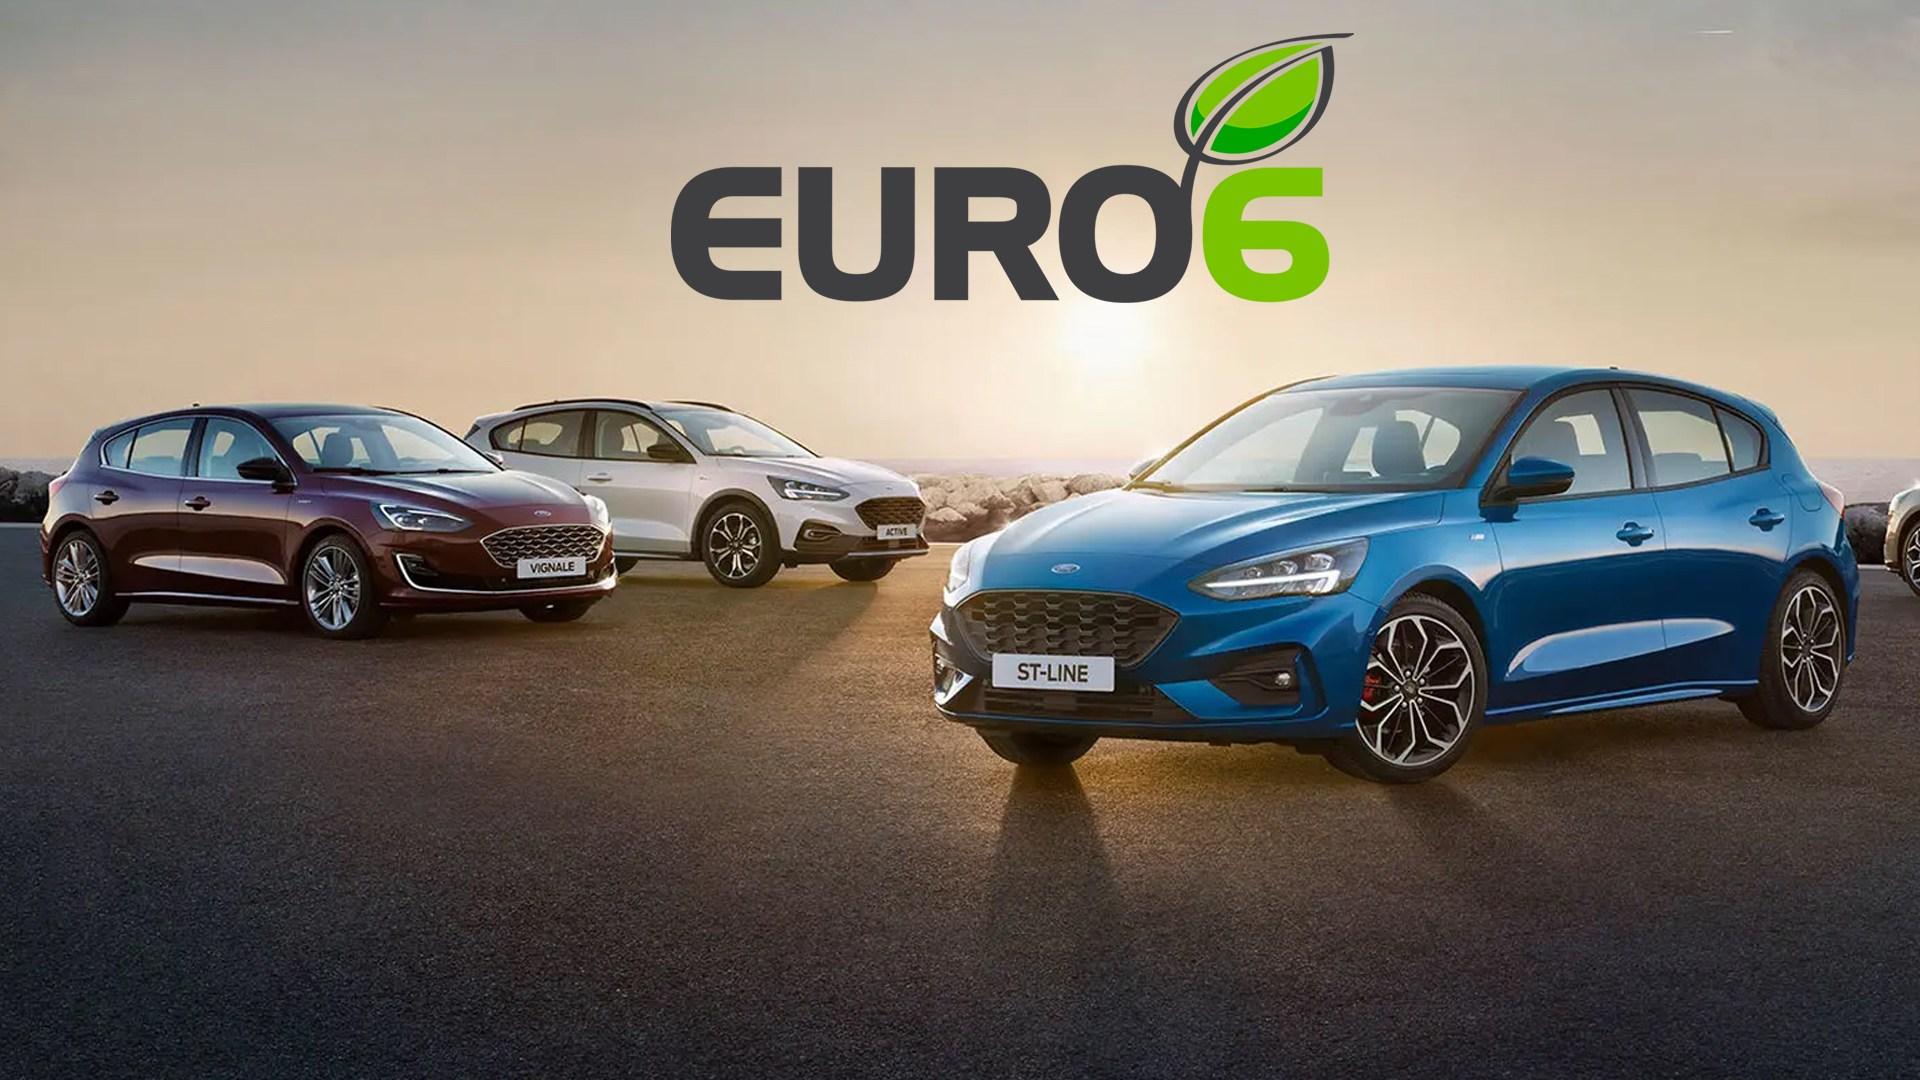 coches que cumplen euro 6 diesel